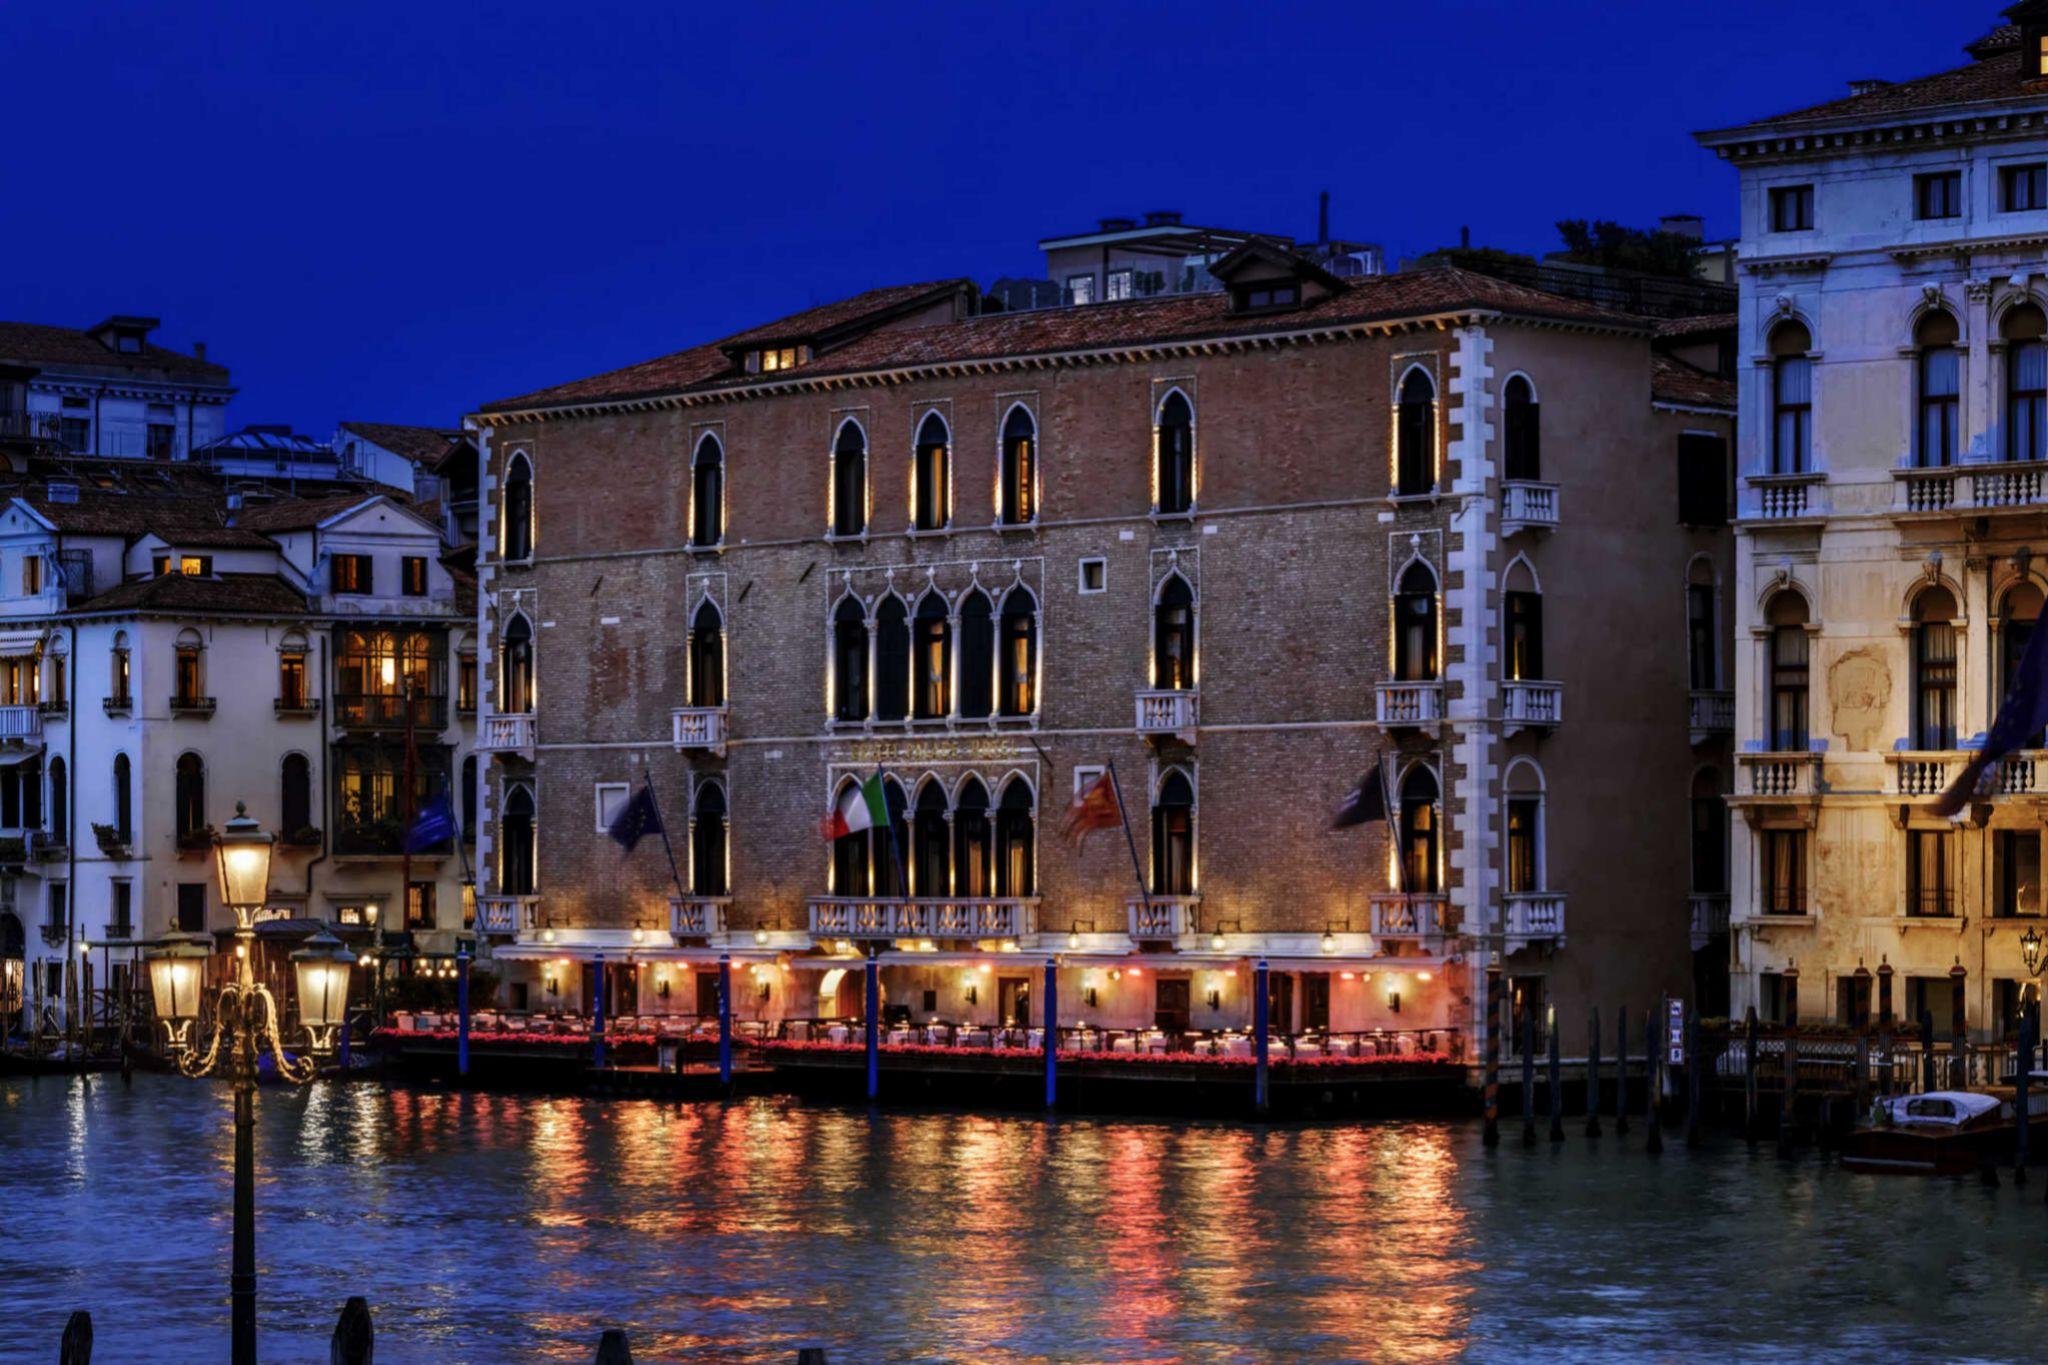 Hotel Gritti Venecia.